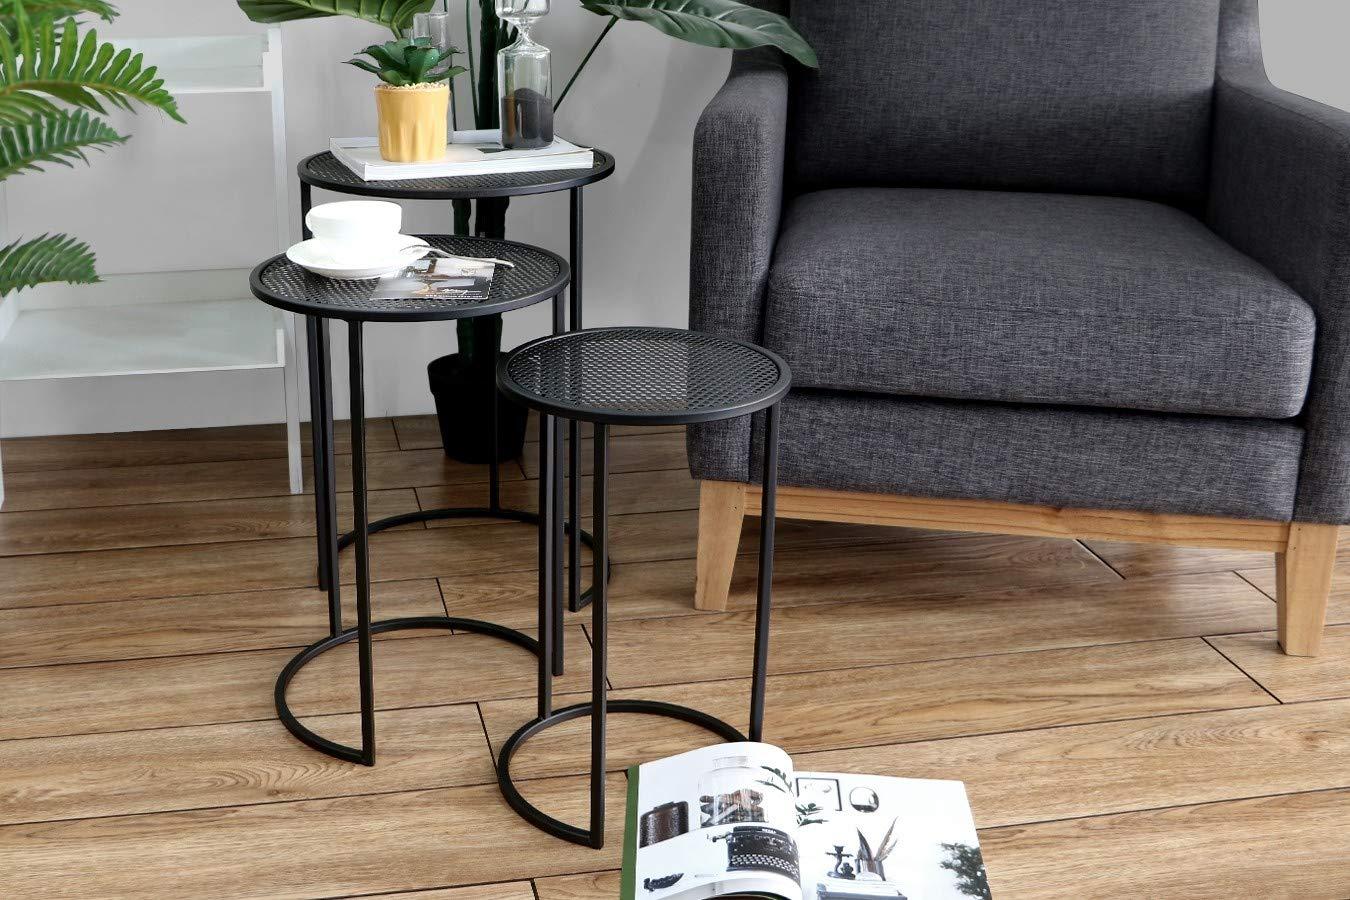 LIFA LIVING Tavolino da salotto moderno set da 3 tavolinetti design a incastro tavolini componibili in metallo nero stile shabby per cucina e soggiorno